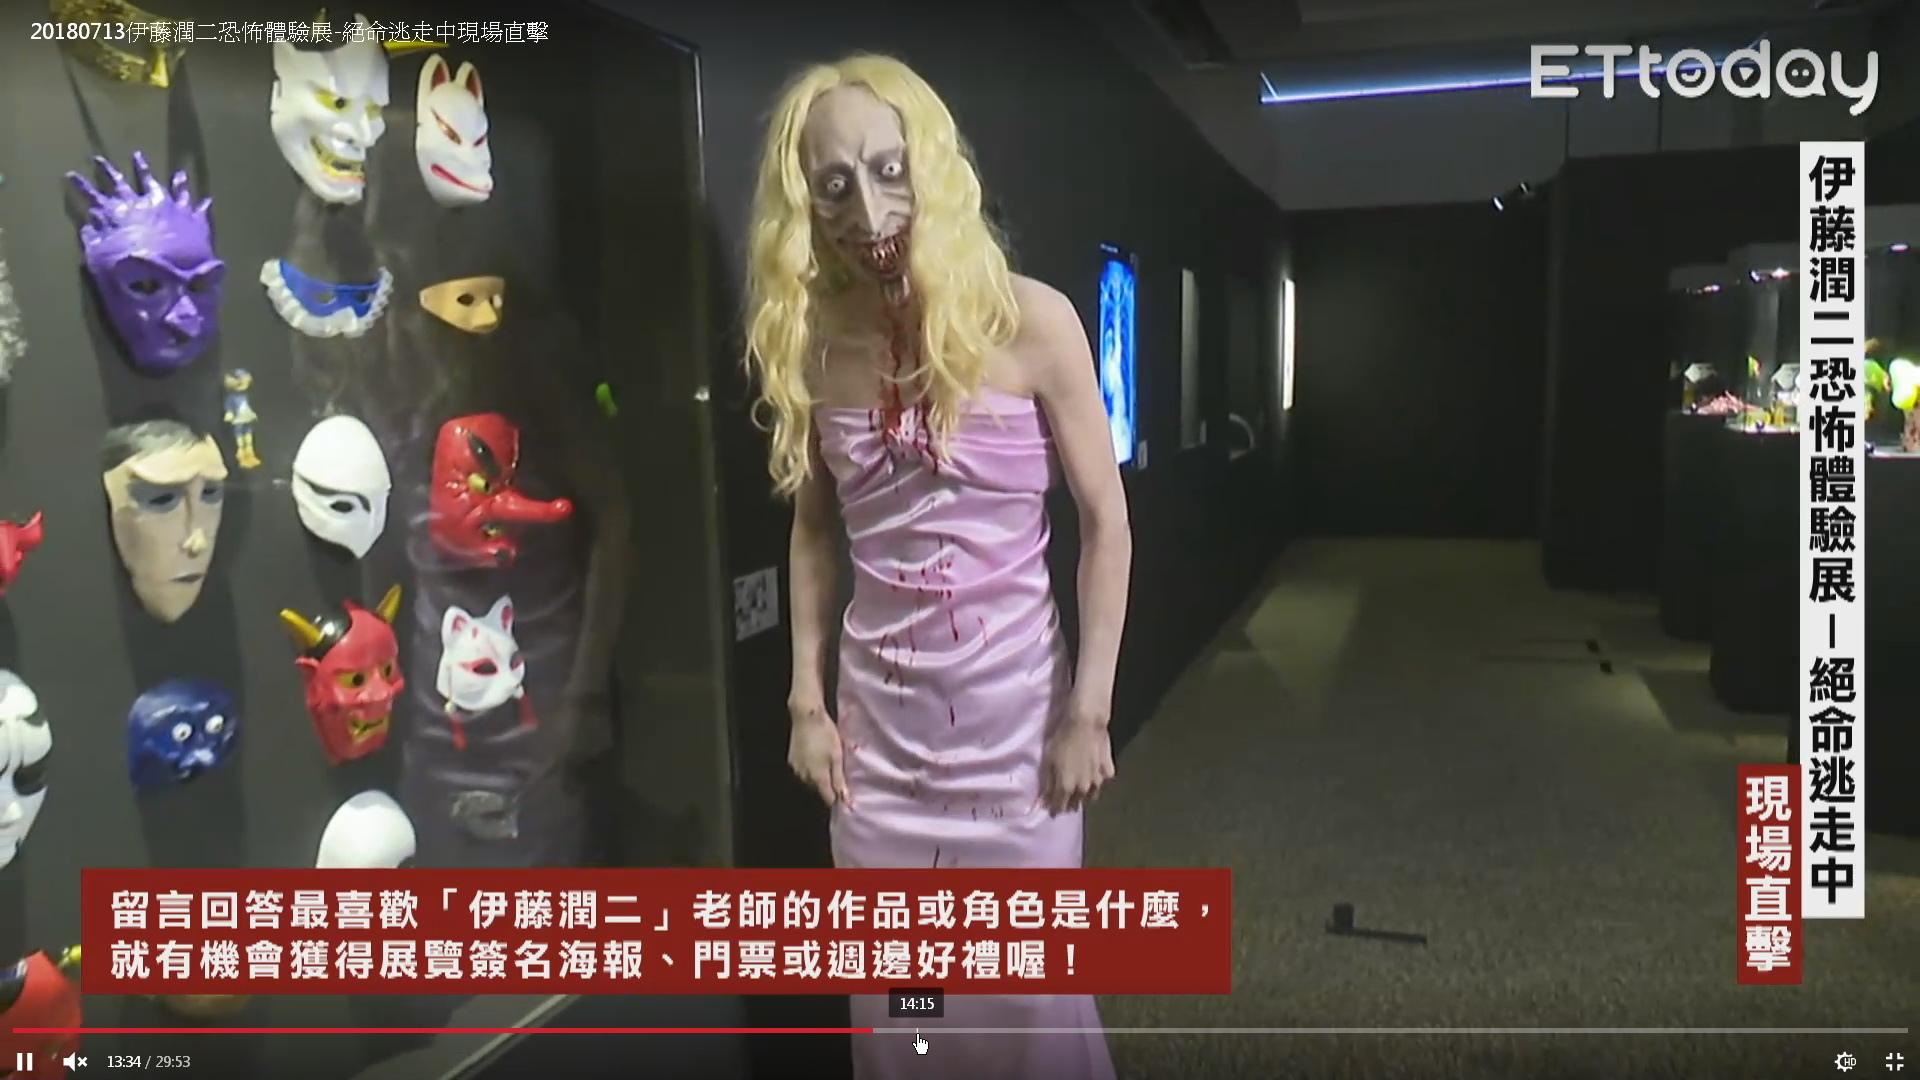 2018伊藤潤二恐怖體驗展 台北新光三越A9:伊藤潤二直播訪談 28.jpg